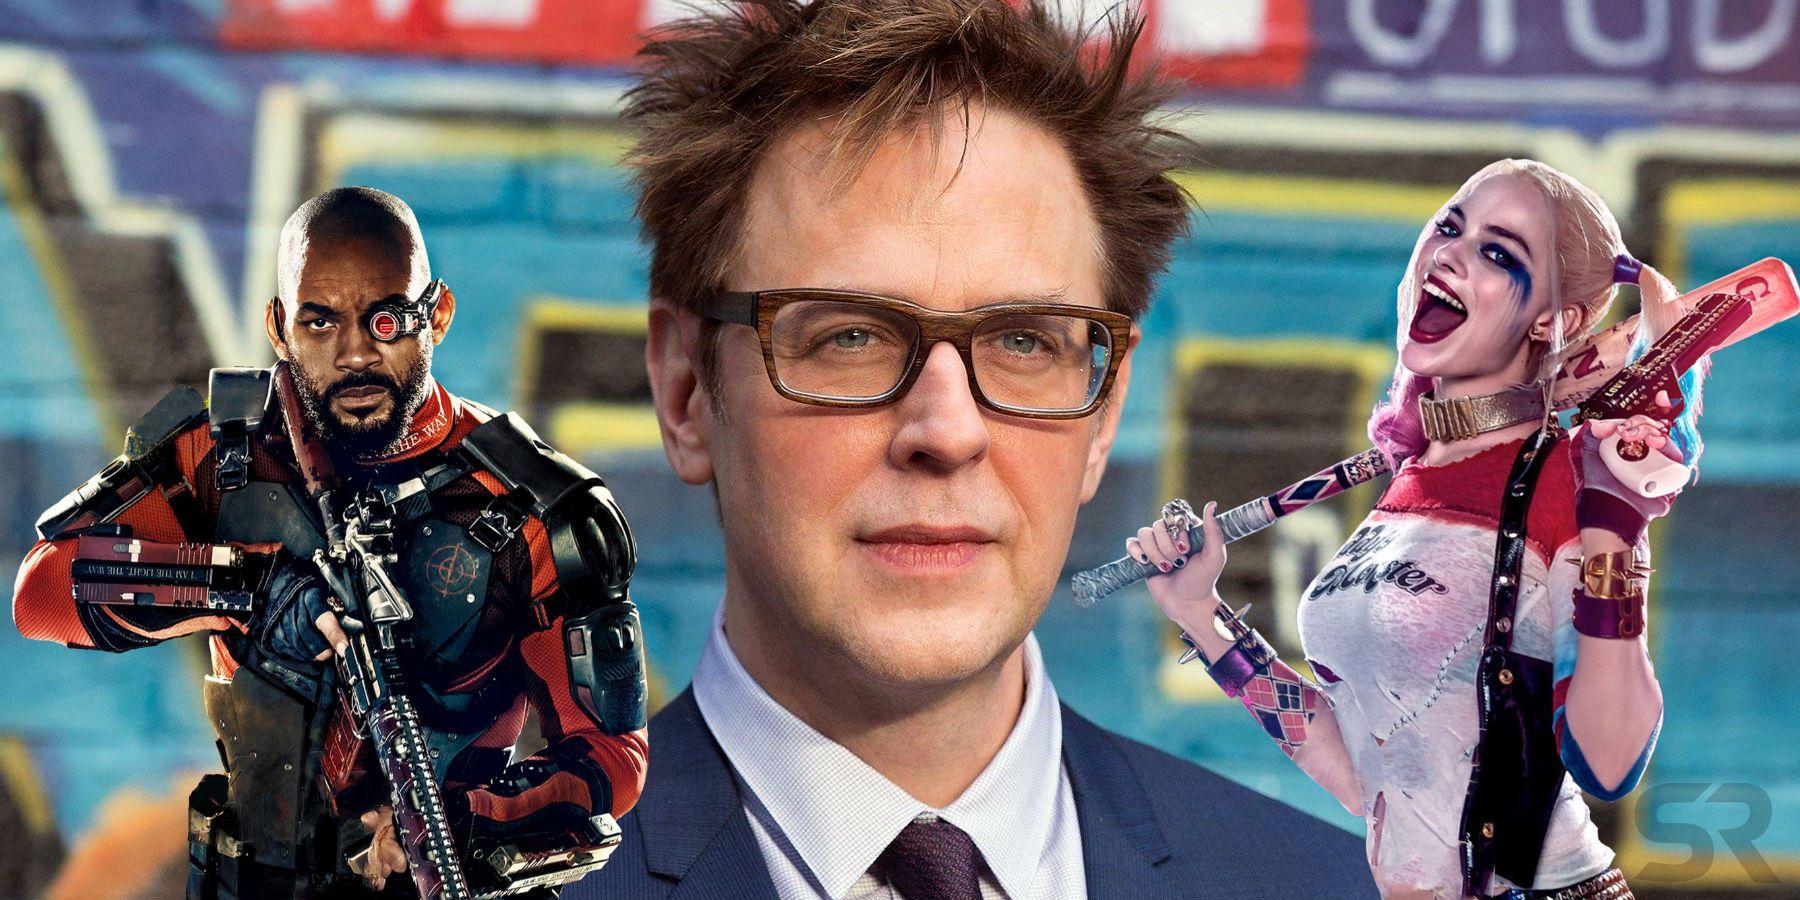 """עריק: ג'יימס גאן מצטרף אל DC, נשכר לכתיבת """"יחידת המתאבדים 2"""" ונמצא במשא ומתן לבימוי"""